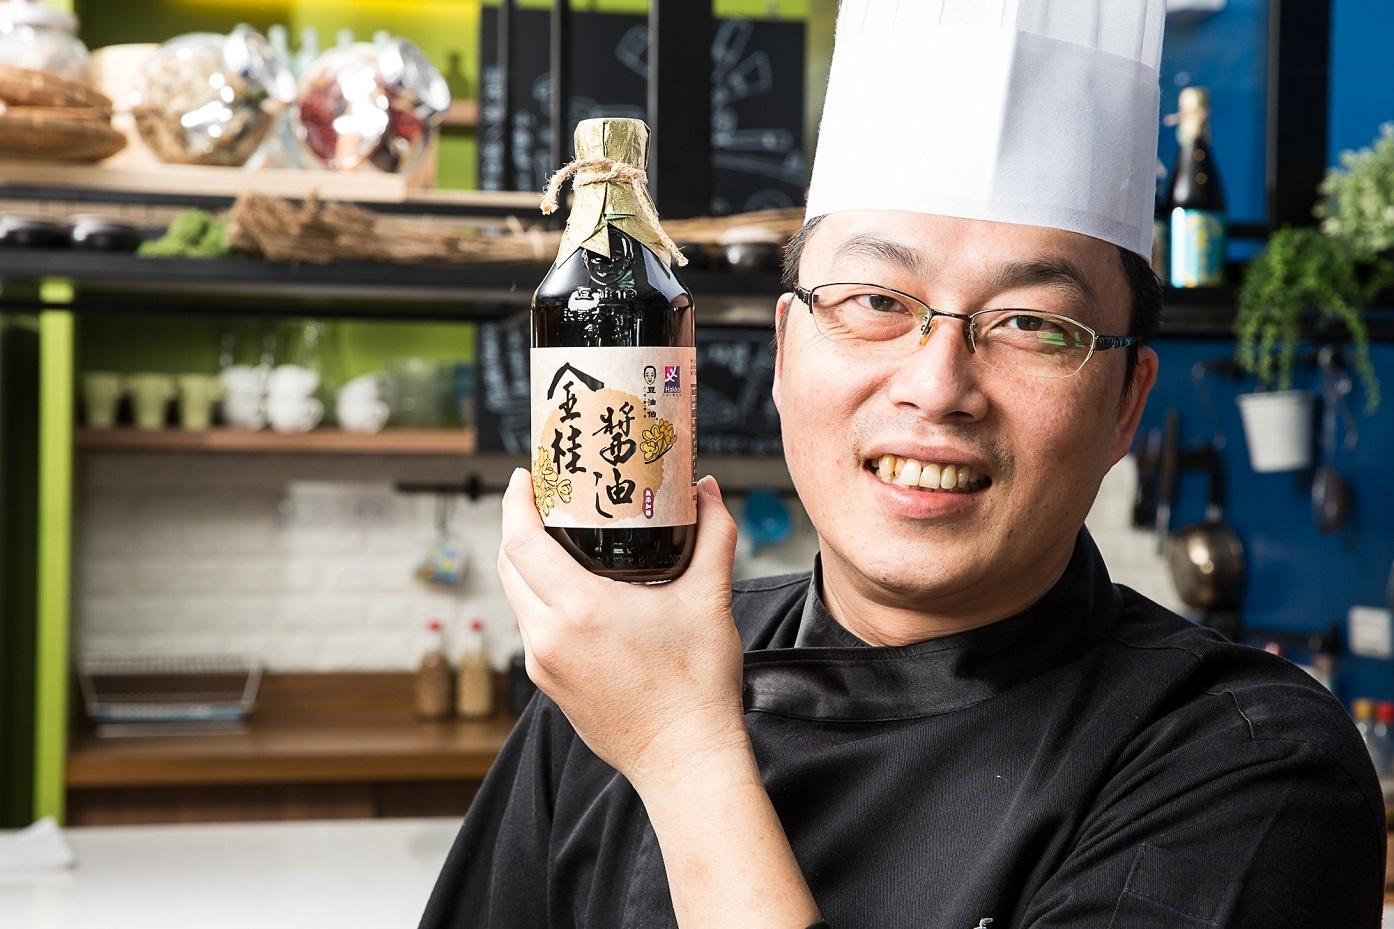 使用台灣原豆 堅持古法釀造 豆油伯原汁原味呈現